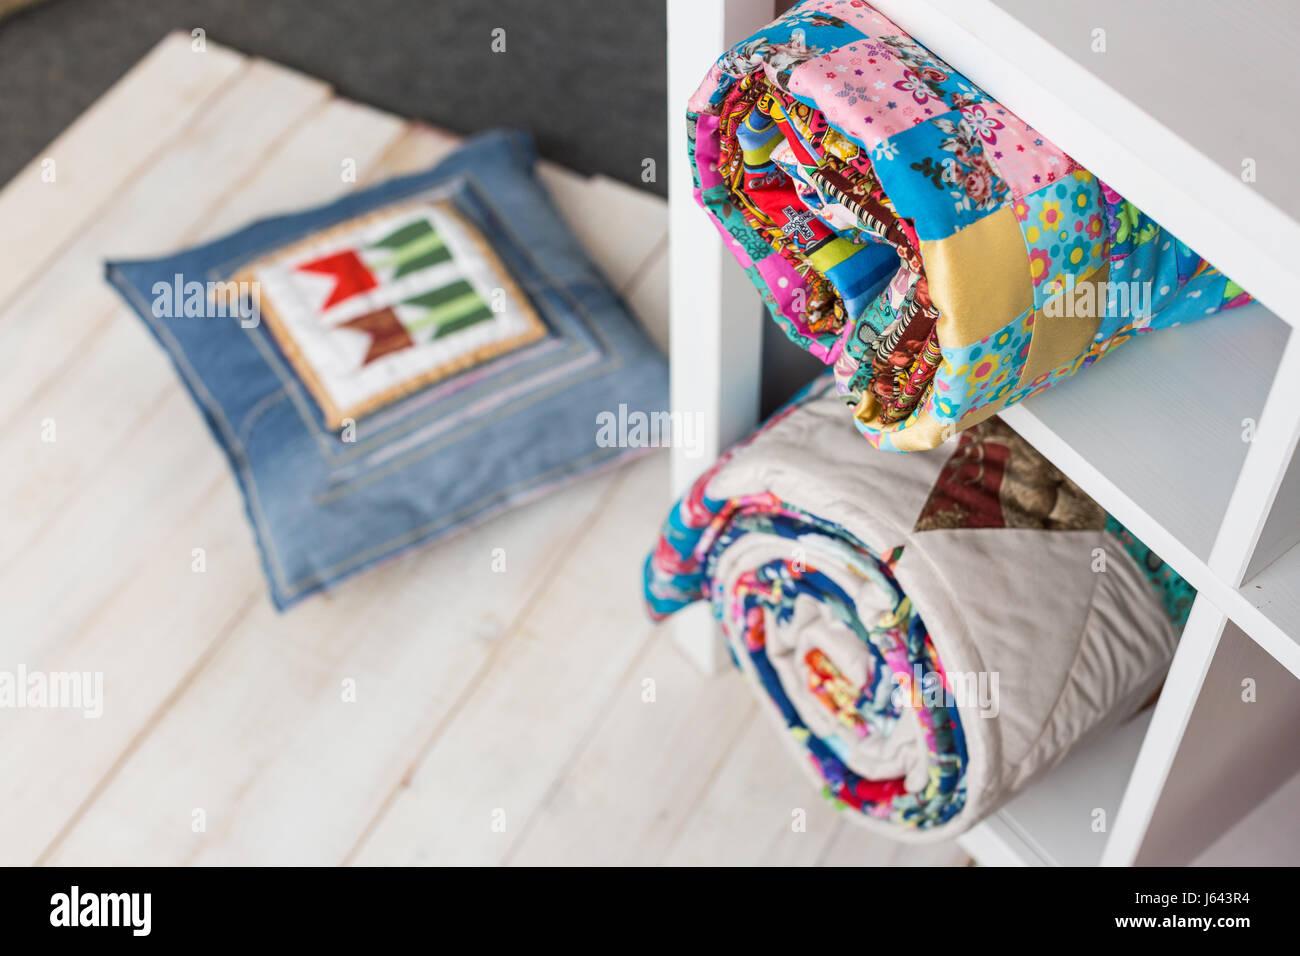 Bett Decken Konzept : Patchwork nähen und modekonzept zwei bunte gesteppte bettdecken